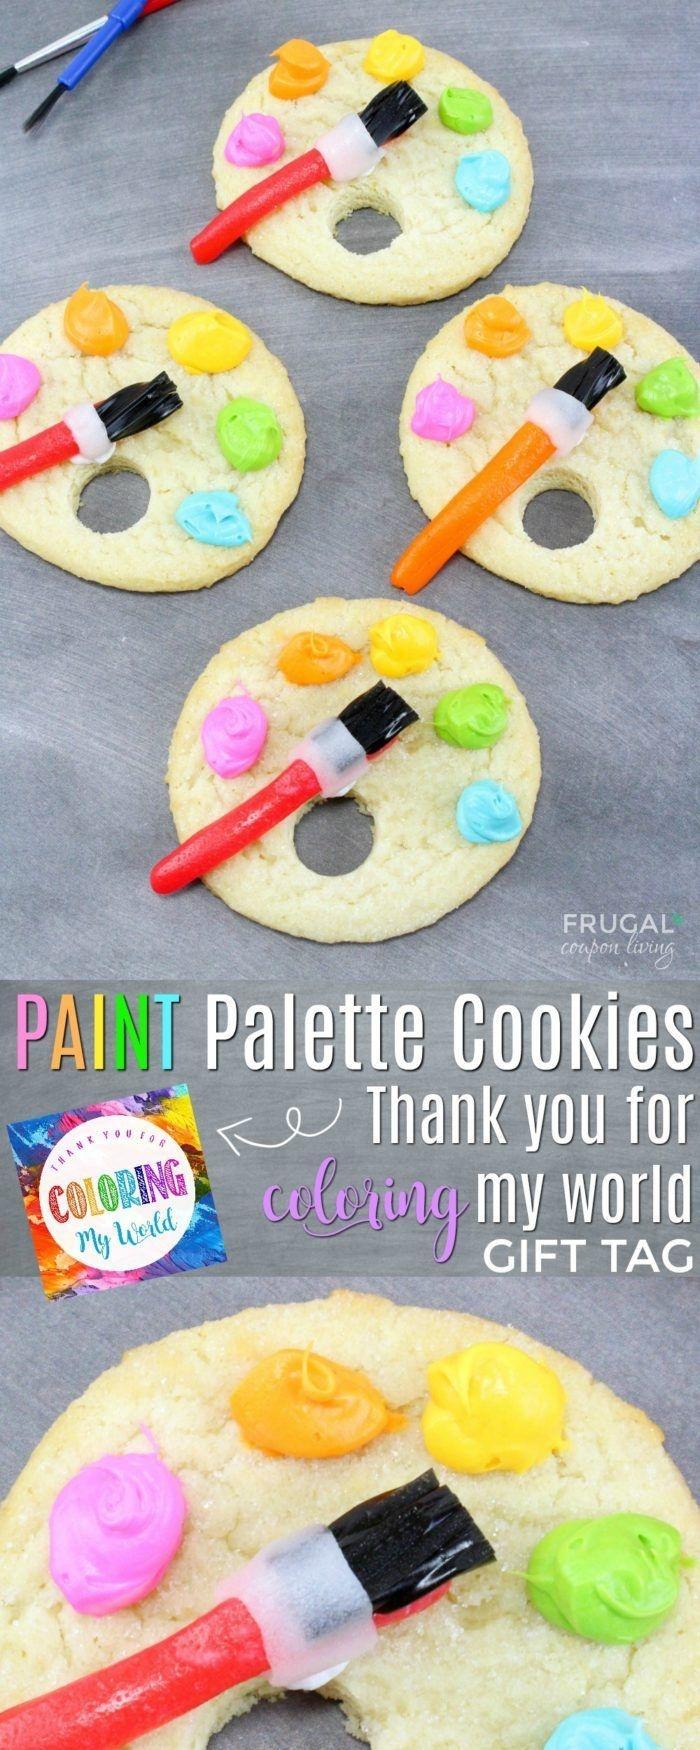 Artist Paint Palette Cookies Plus Bonus Printable Gift Tag | Recipe - Free Printable Paint Palette